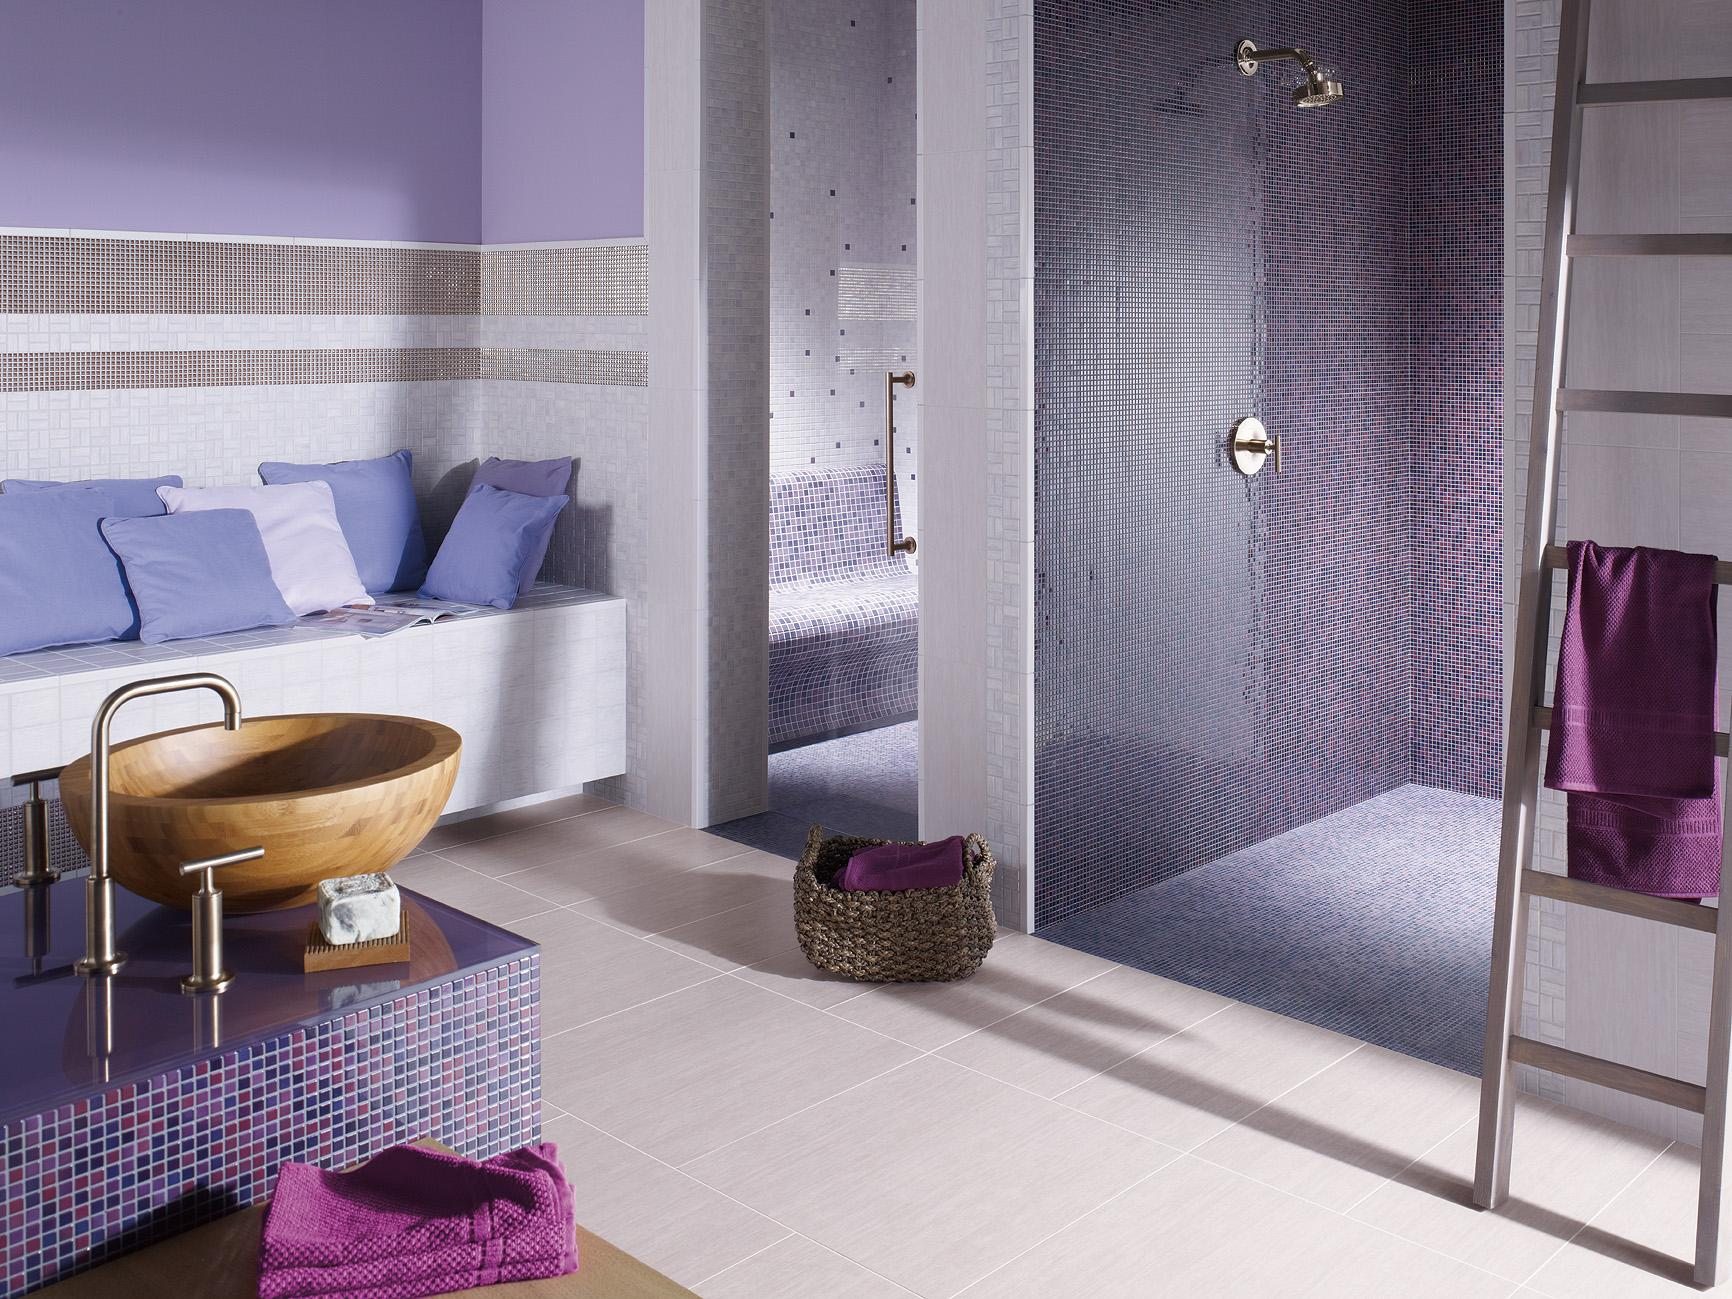 Badezimmer In Lavendel Und Lila #fliesen #mosaikfliesen #dusche  #waschbecken #holzwaschbecken ©